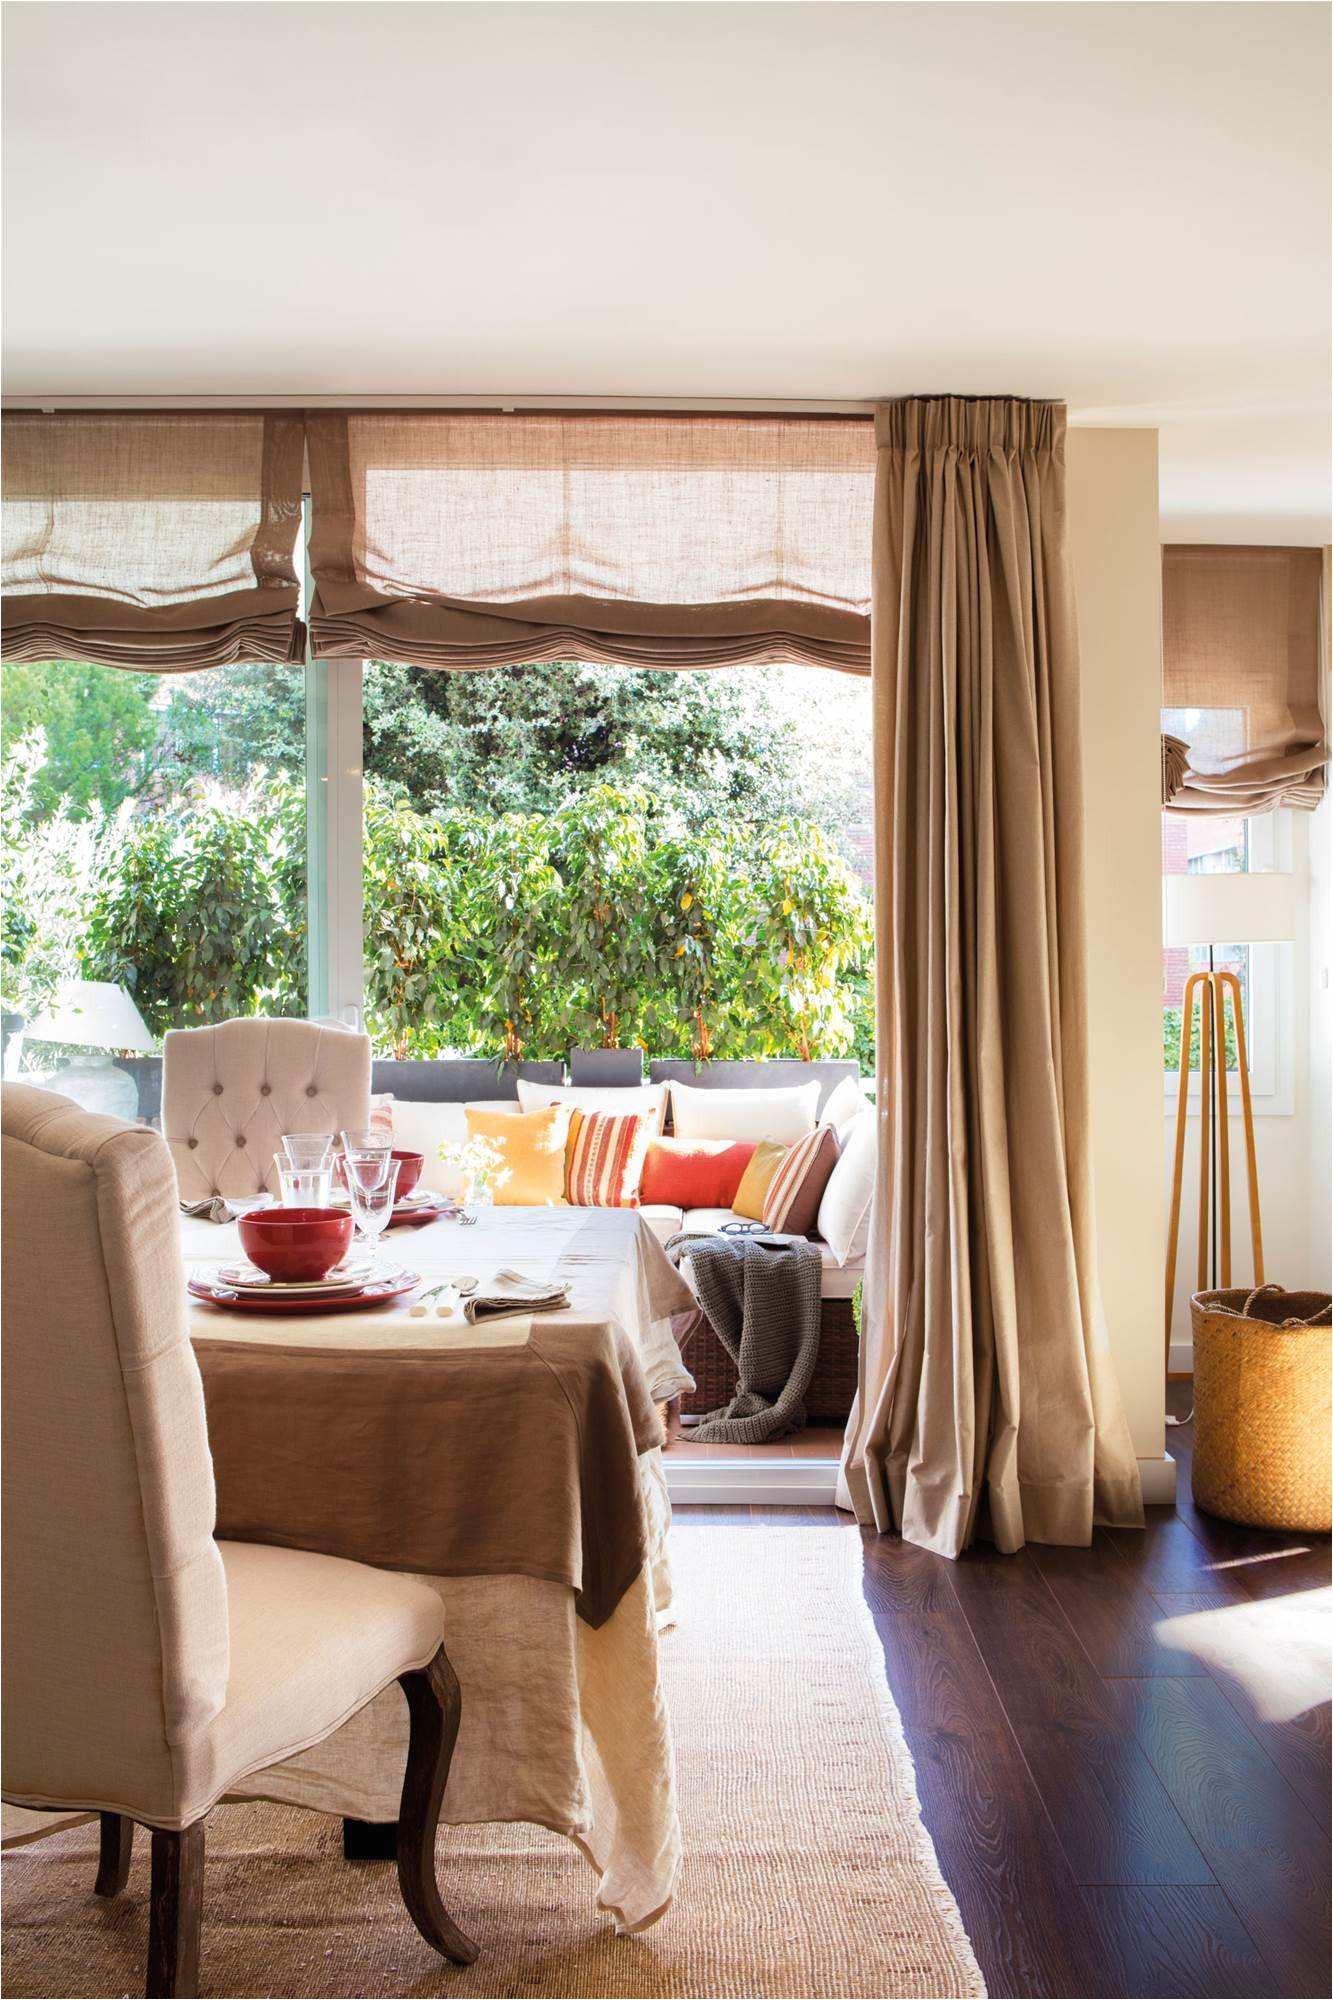 cortinas riel maravilloso elegante barras de cortinas dobles